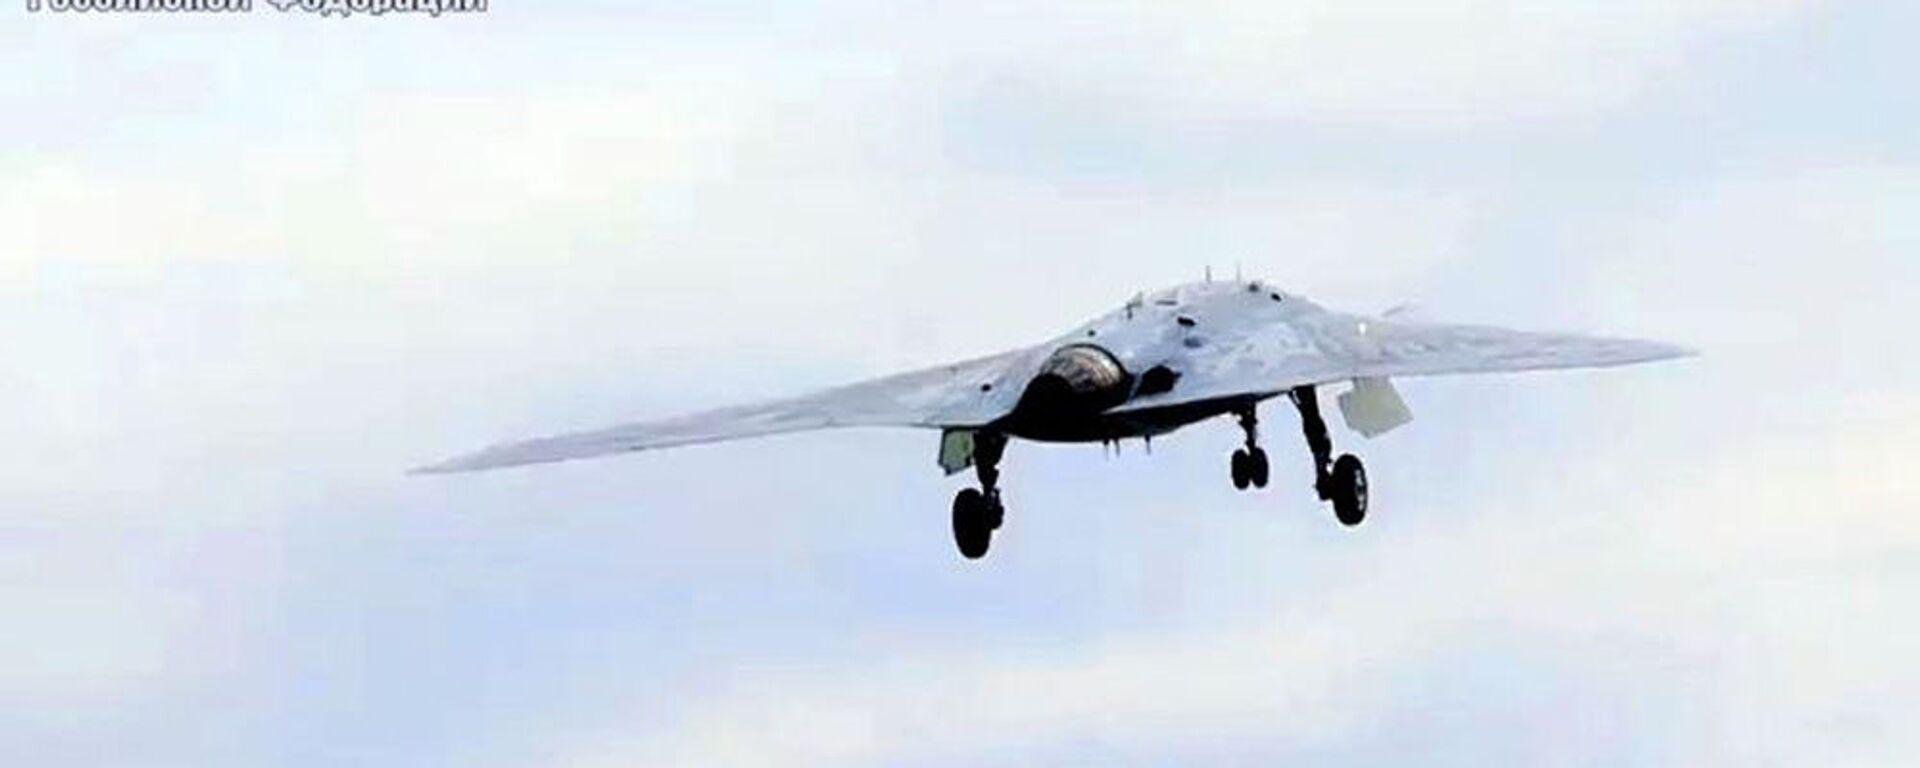 Новейший ударный беспилотник Охотник совершил первый совместный полет с Су-57 - Sputnik Тоҷикистон, 1920, 16.08.2020